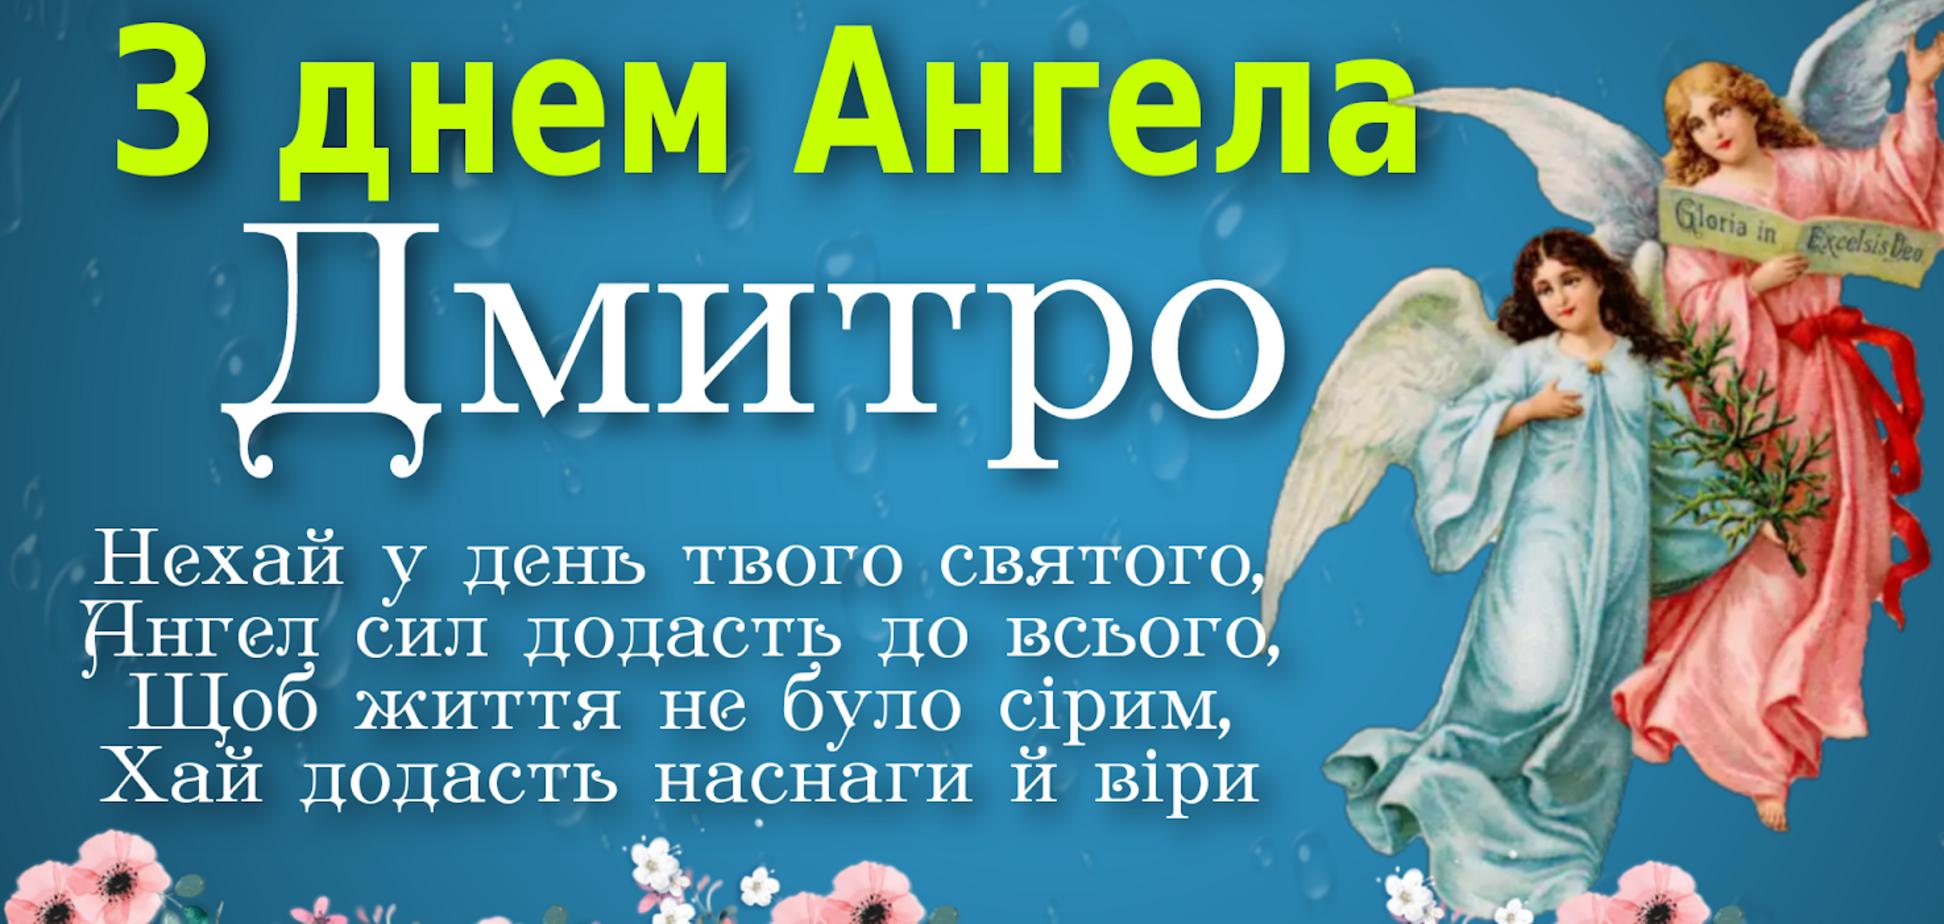 Привітання в день ангела Дмитра